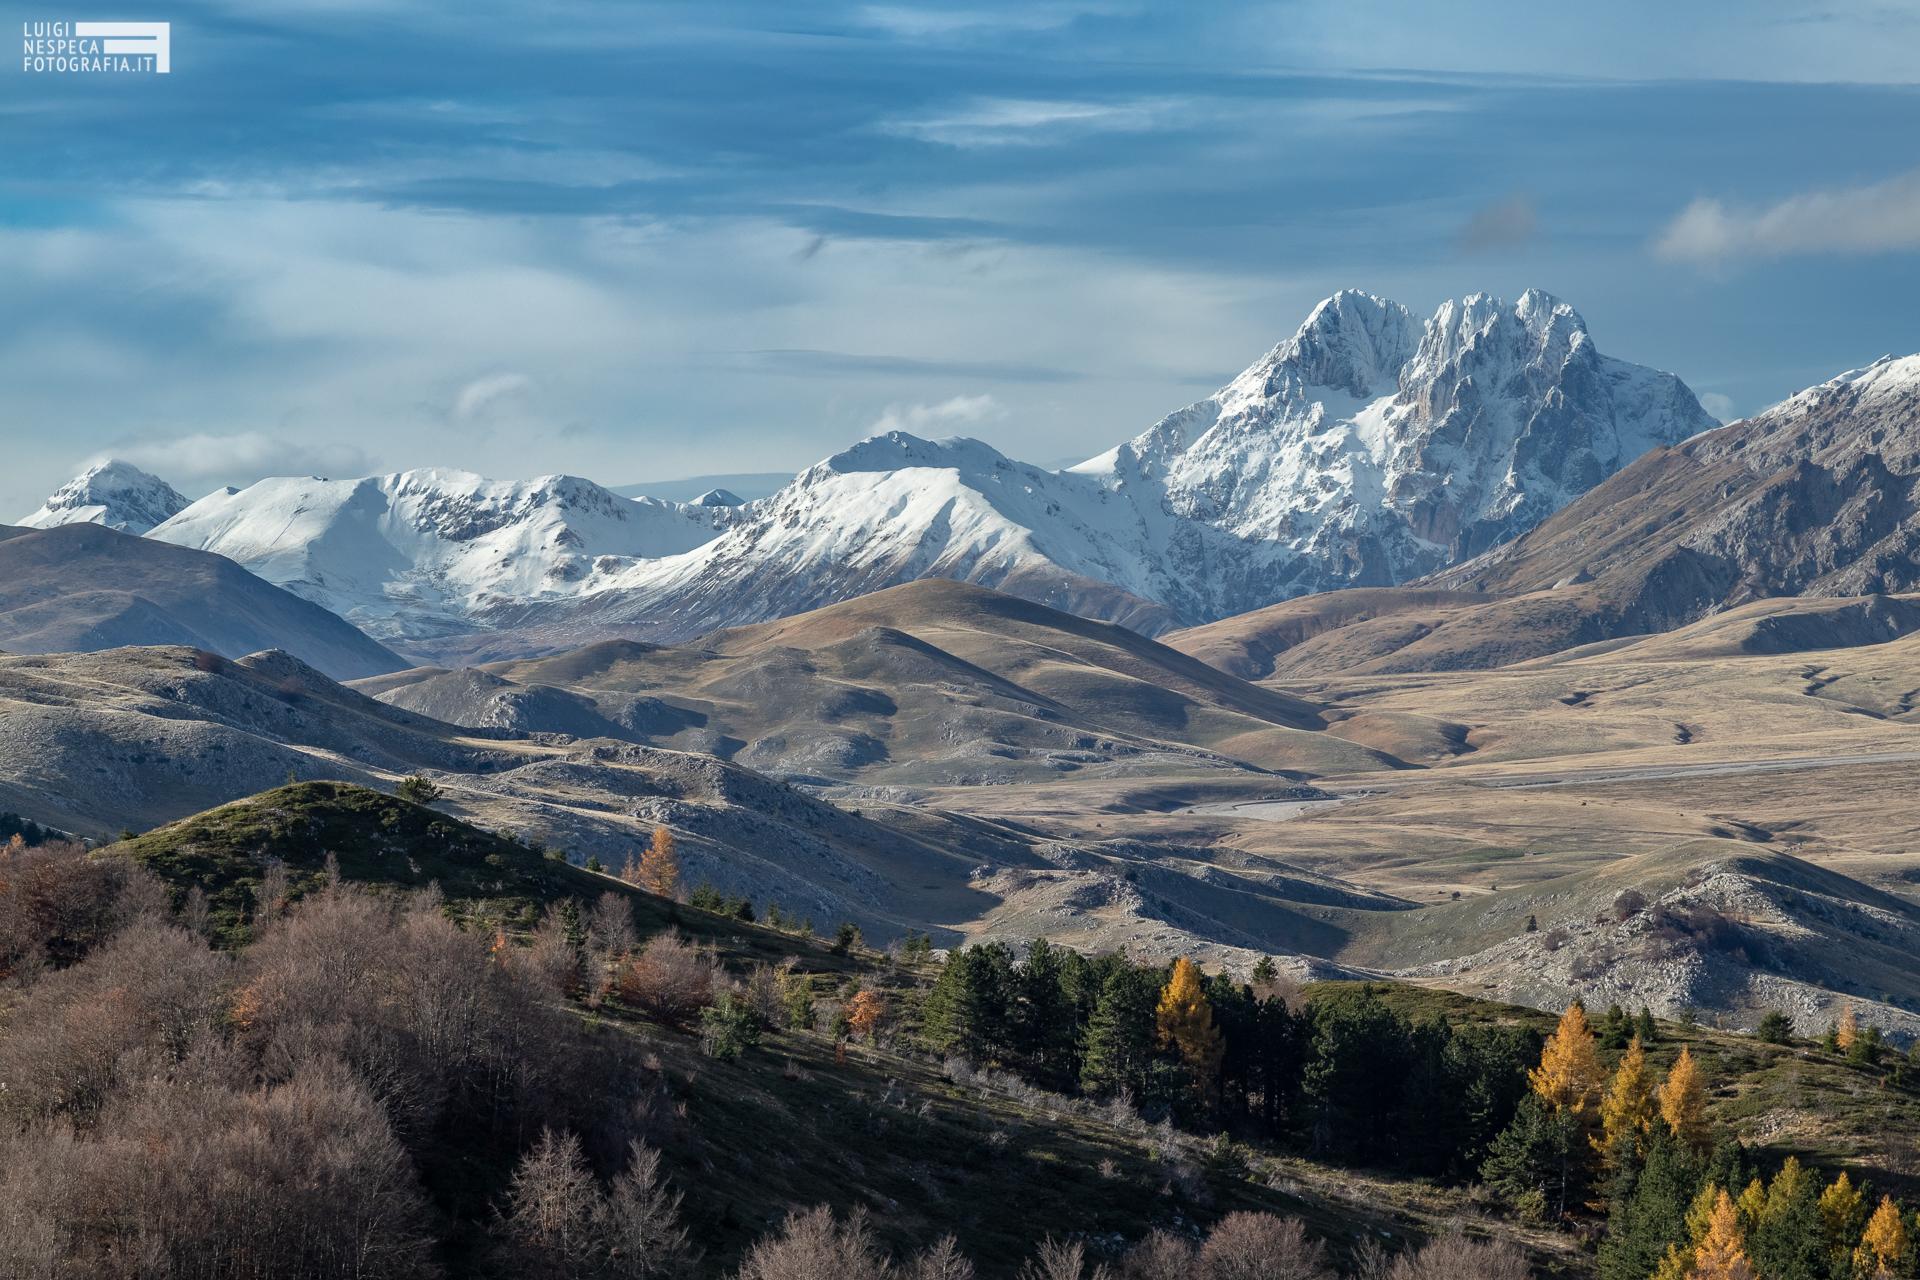 07 - Campo Imperatore: prime nevi sul Gran Sasso